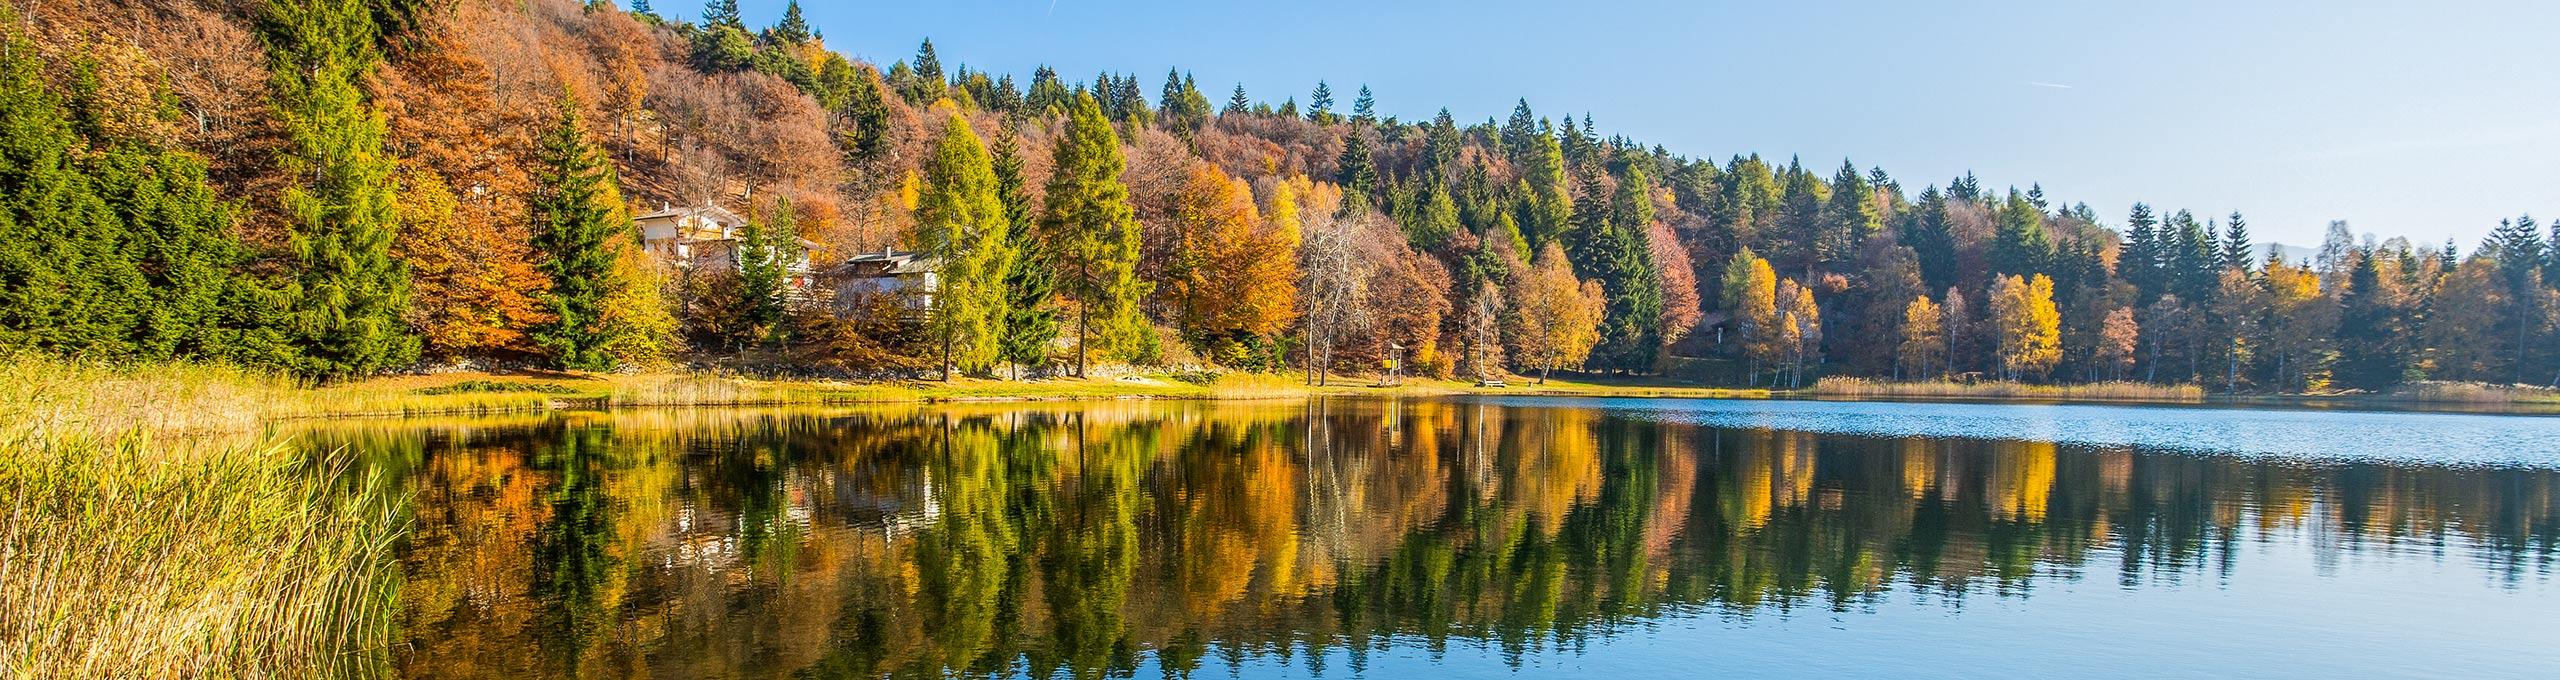 Lago Santo di Cembra, specchio d'acqua situato a 1200 m nell'omonima valle